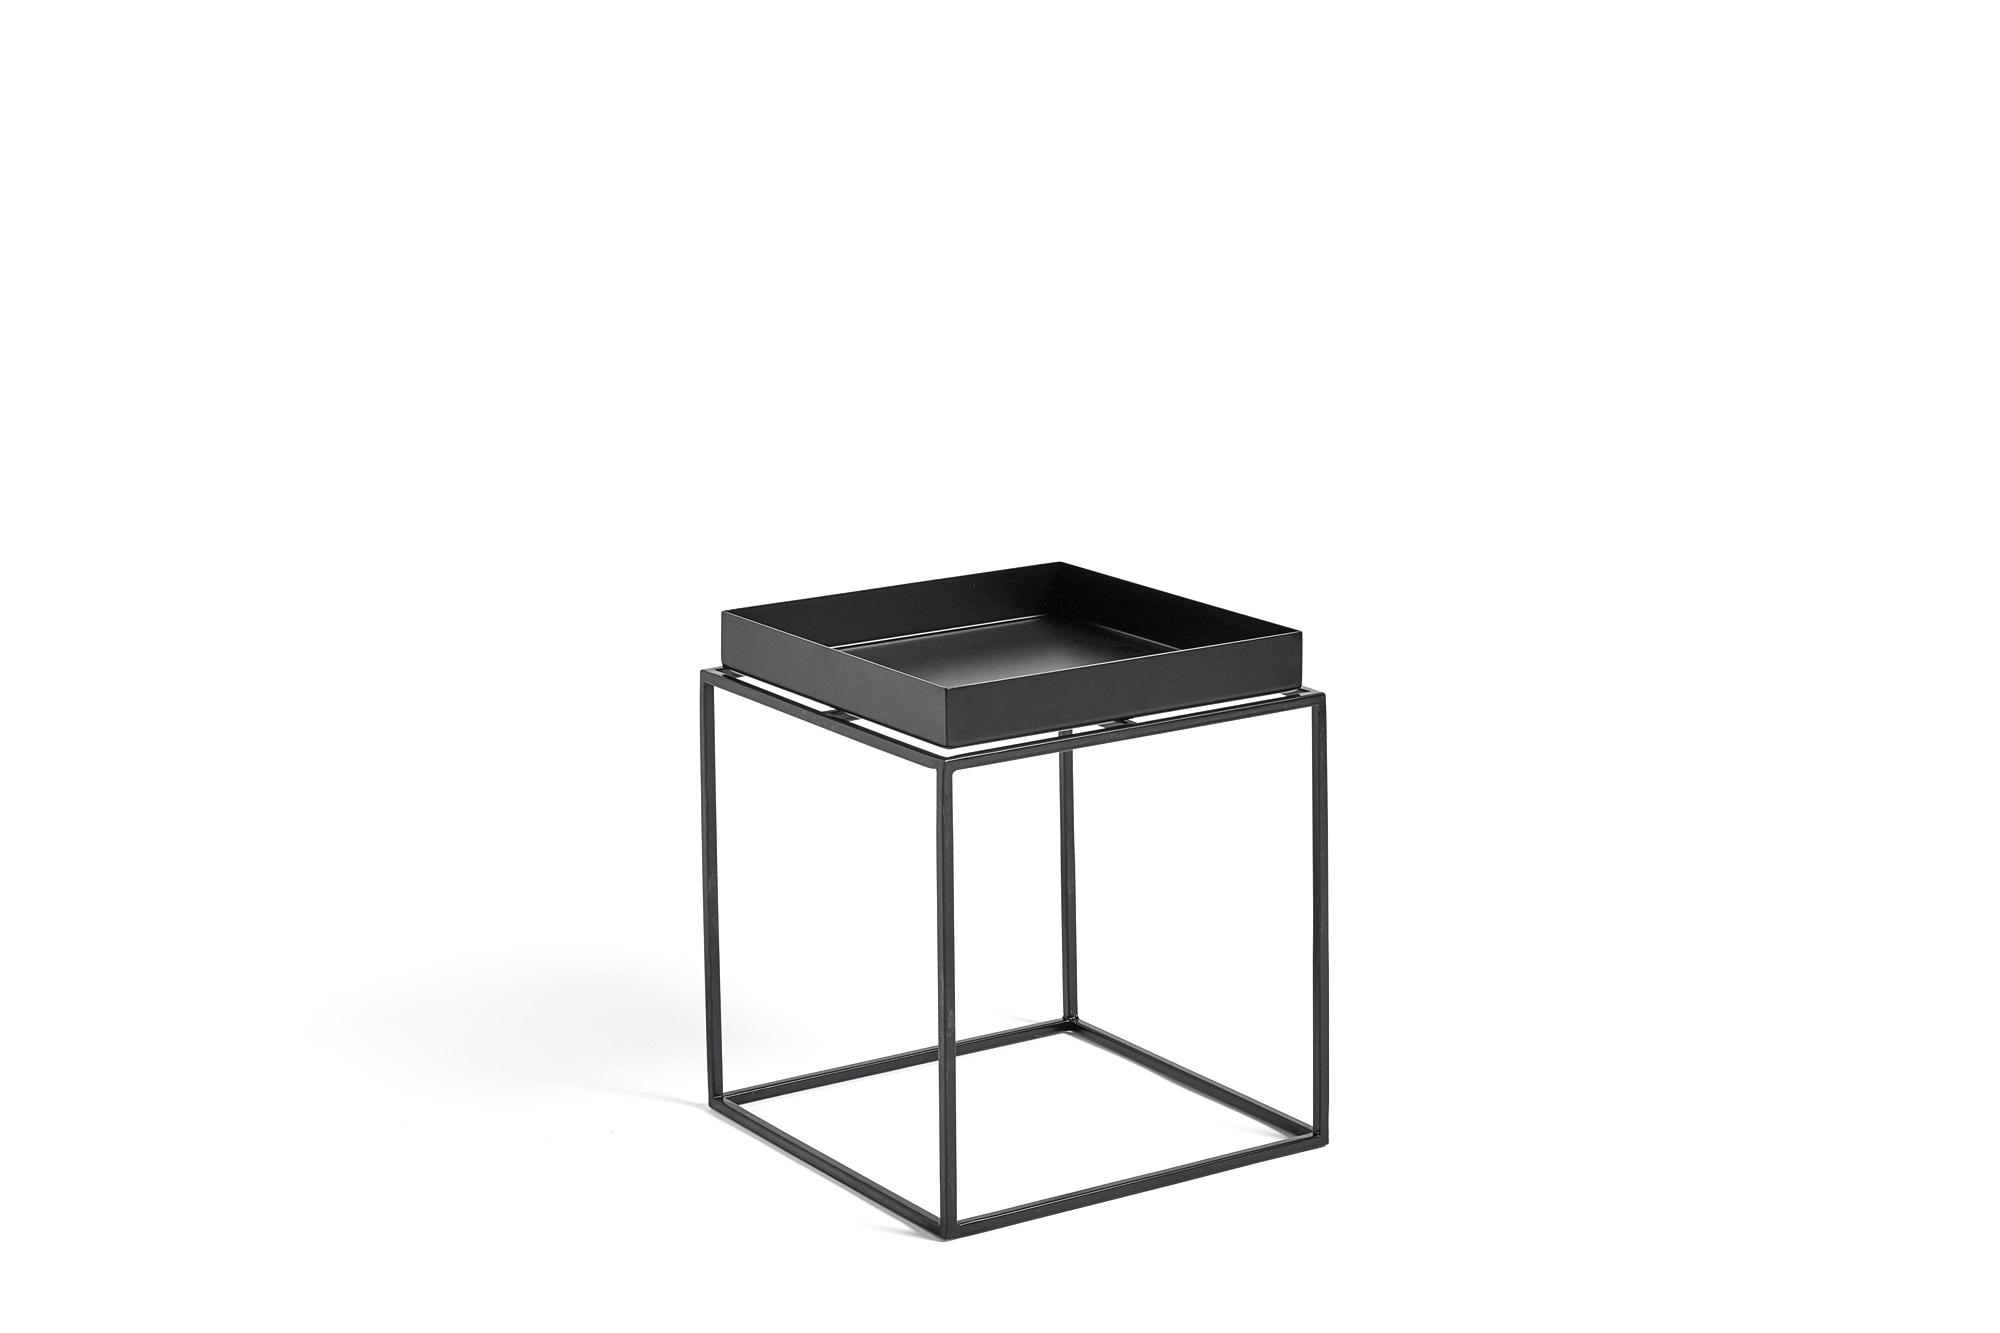 Sofabord Bakkebord Hay Design